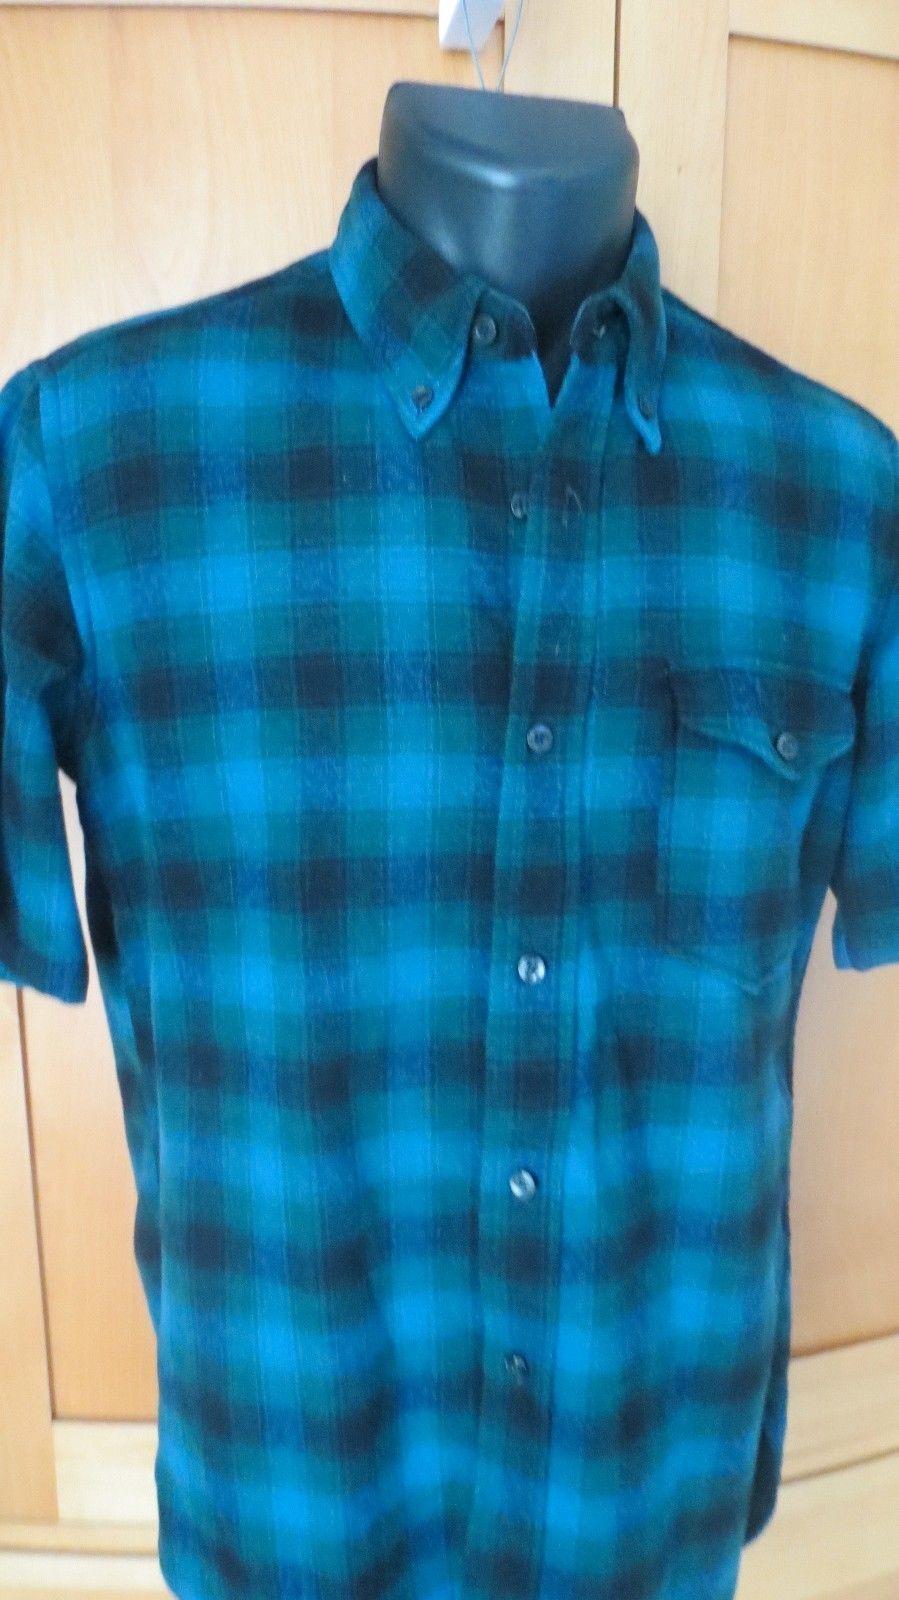 Vtg Men's Pendleton Wool Board Shirt Shadow PLaid Aqua bluee s s  Med eeuc